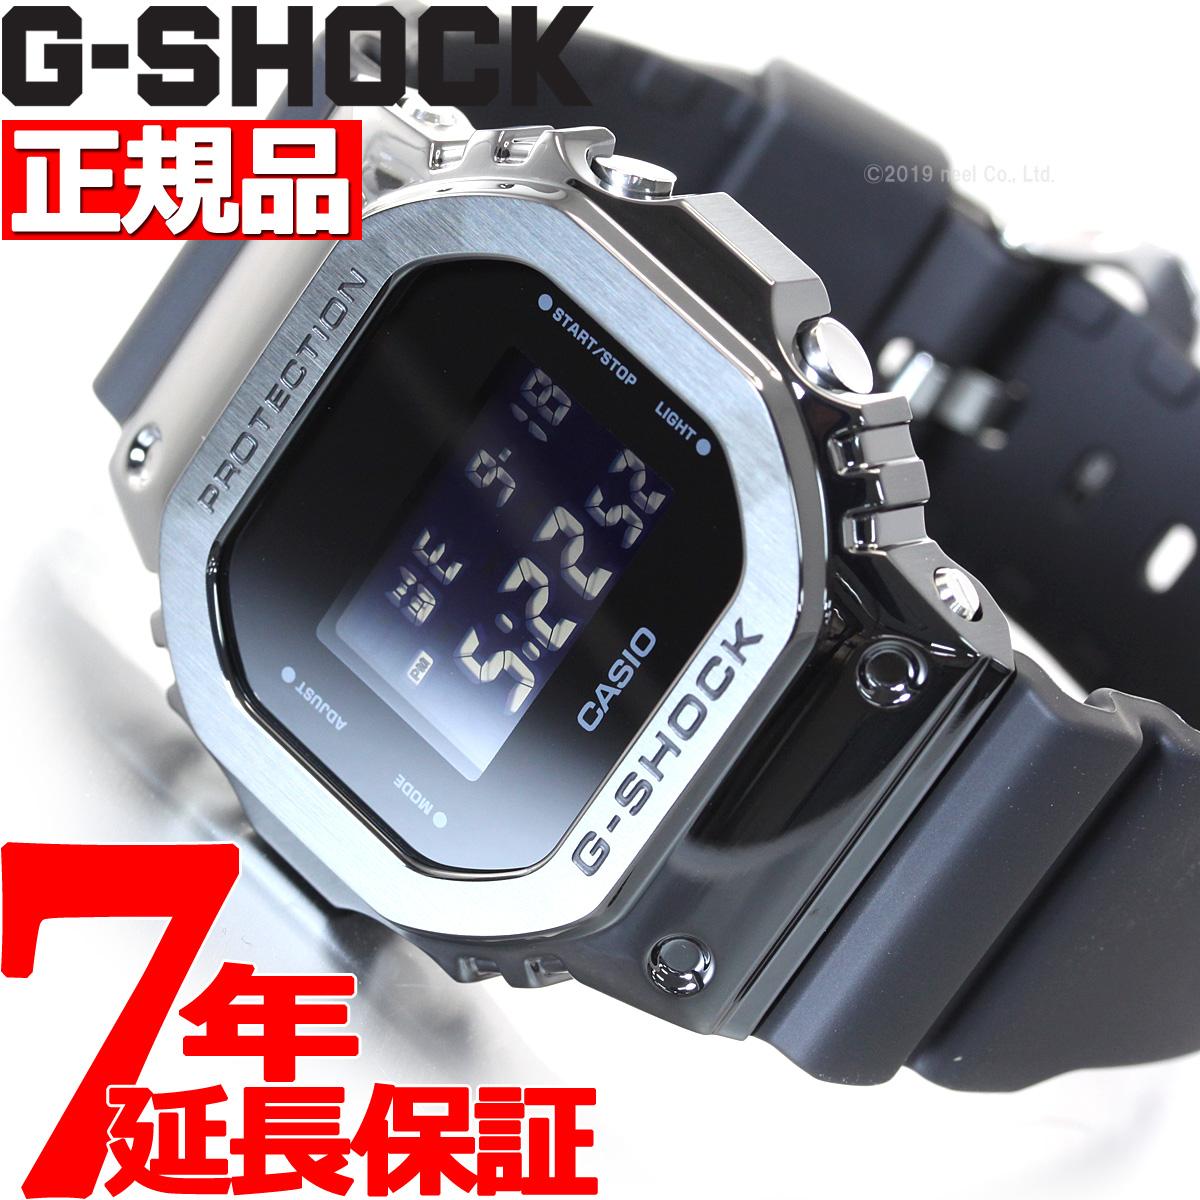 【5日0時~♪2000円OFFクーポン&店内ポイント最大51倍!5日23時59分まで】G-SHOCK デジタル 5600 カシオ Gショック CASIO 腕時計 メンズ GM-5600B-1JF